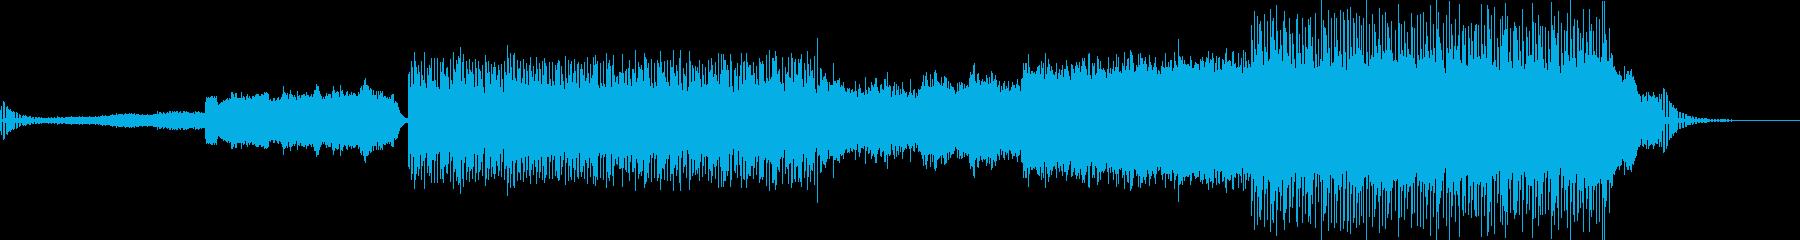 動画 技術的な 説明的 クール や...の再生済みの波形